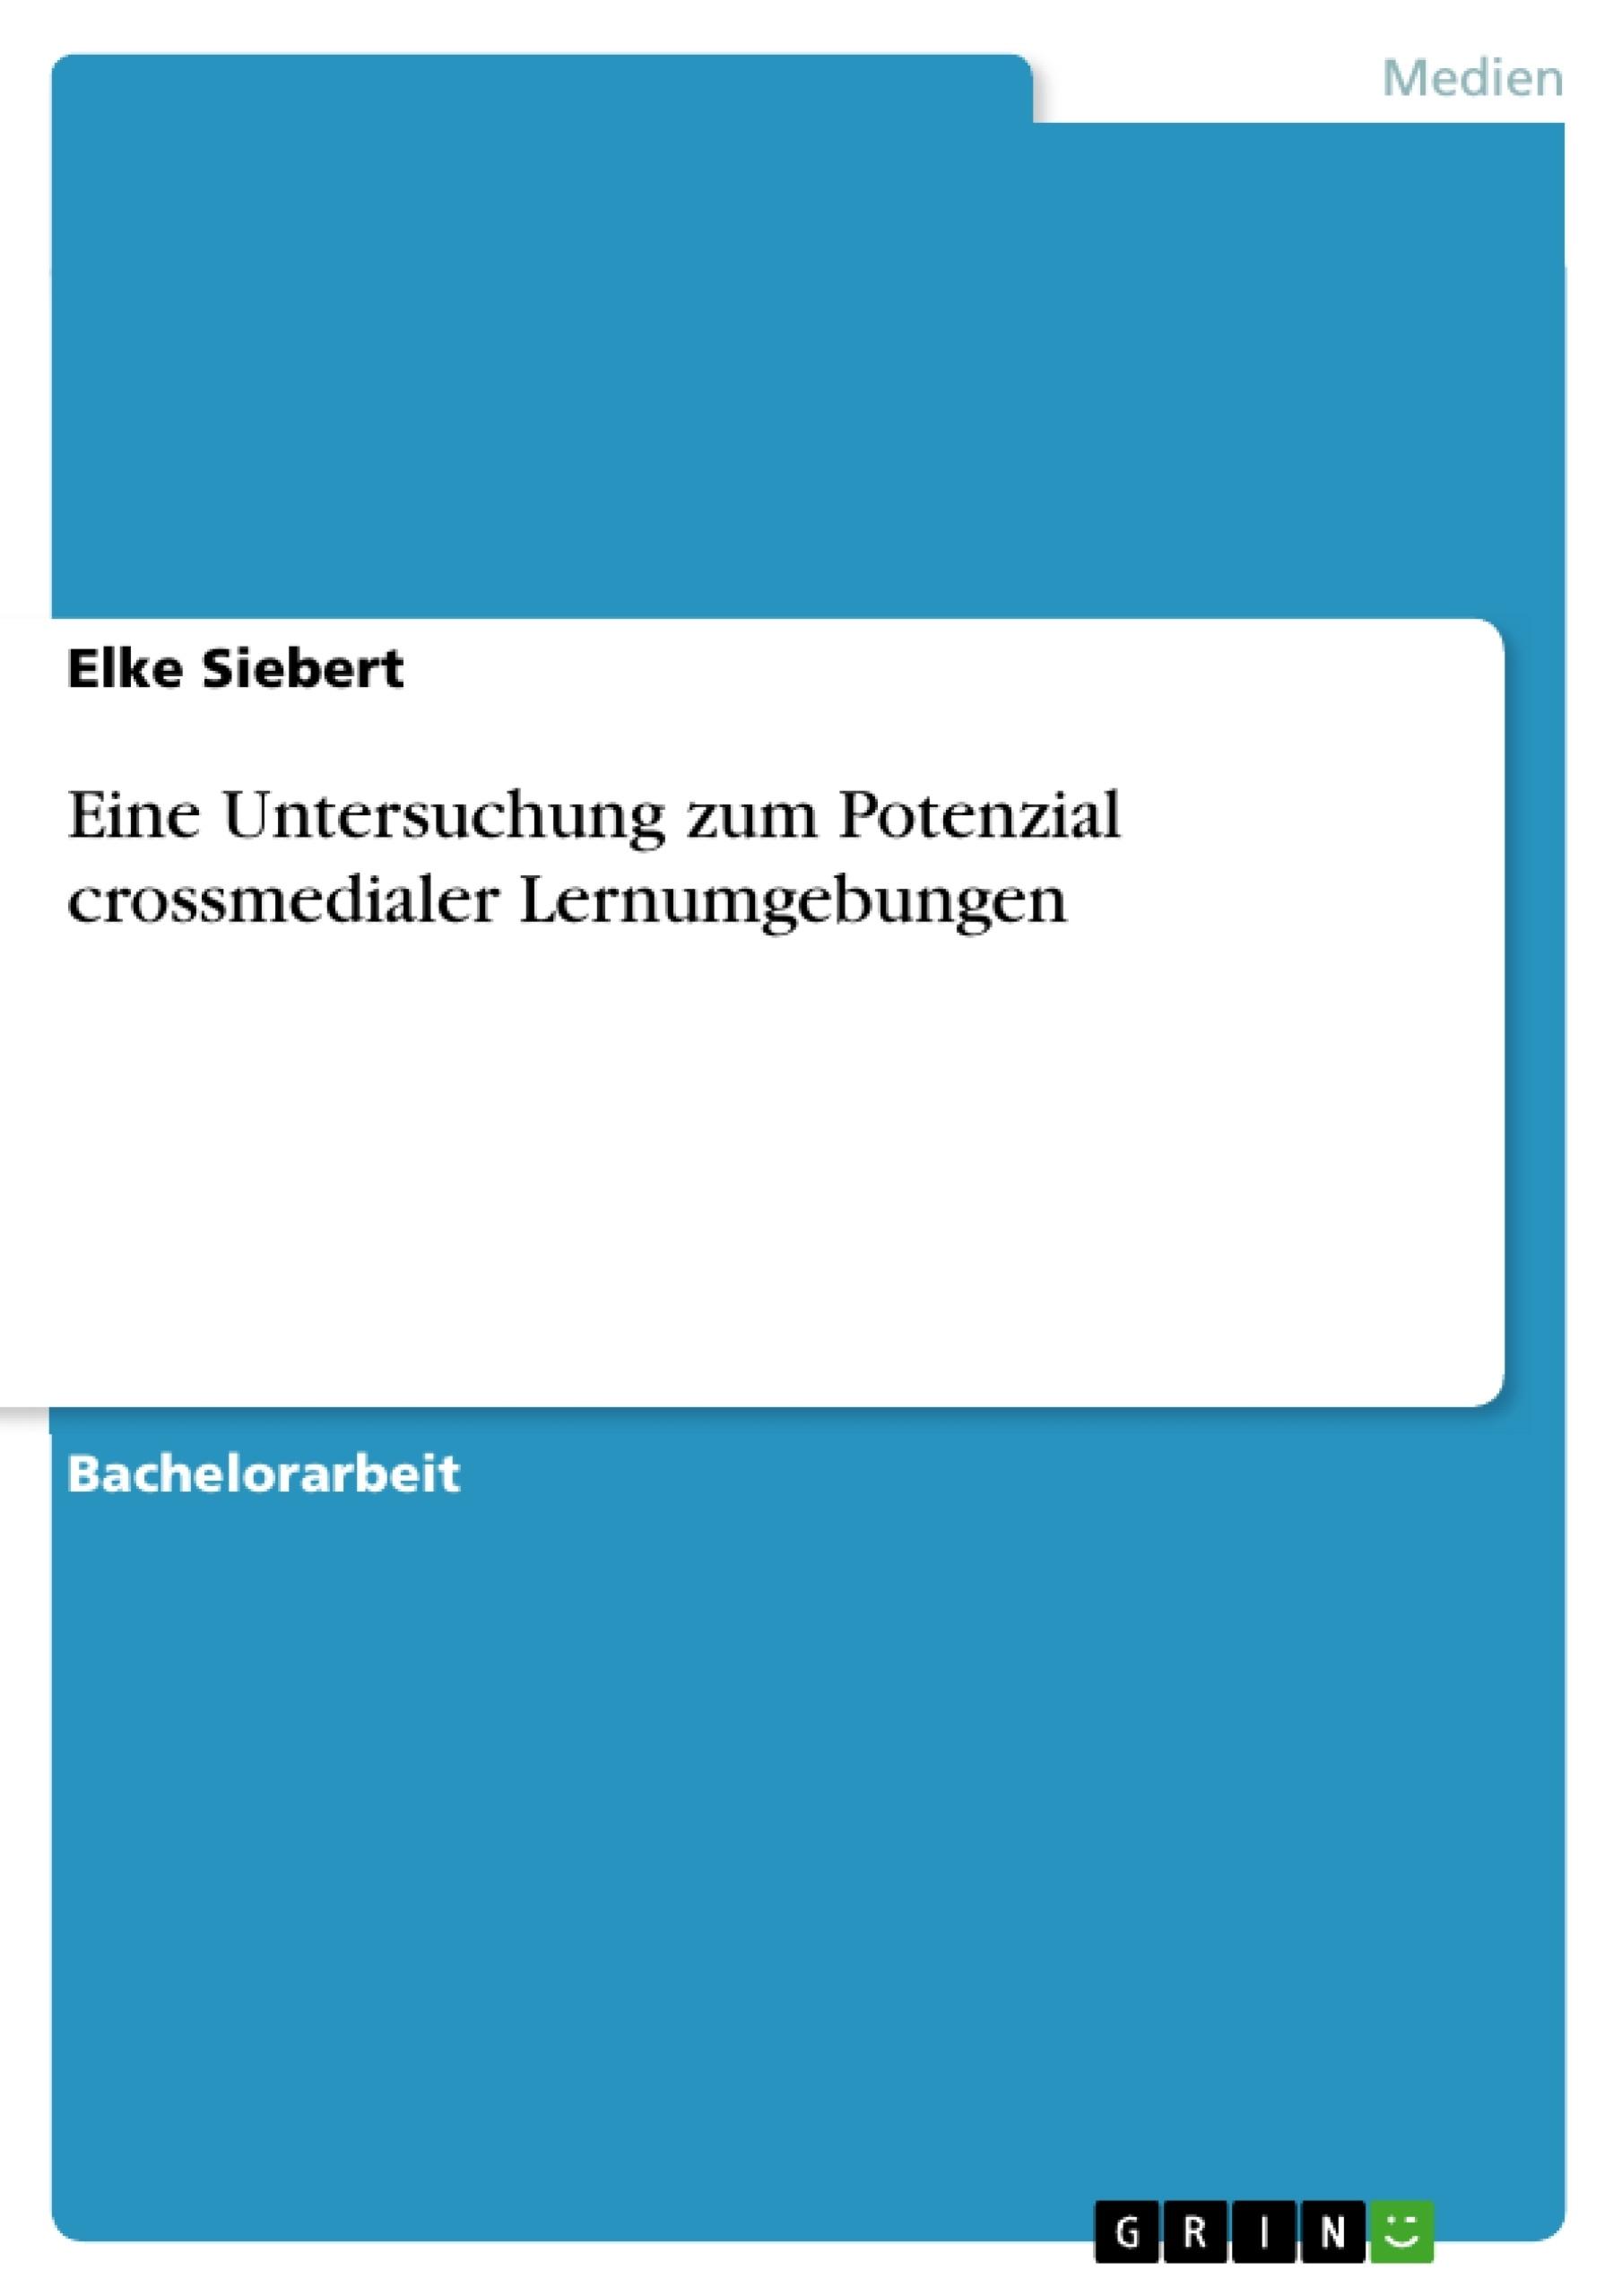 Titel: Das Potenzial crossmedialer Lernumgebungen. Multimediale Lehr- und Lernszenarien an deutschen Hochschulen